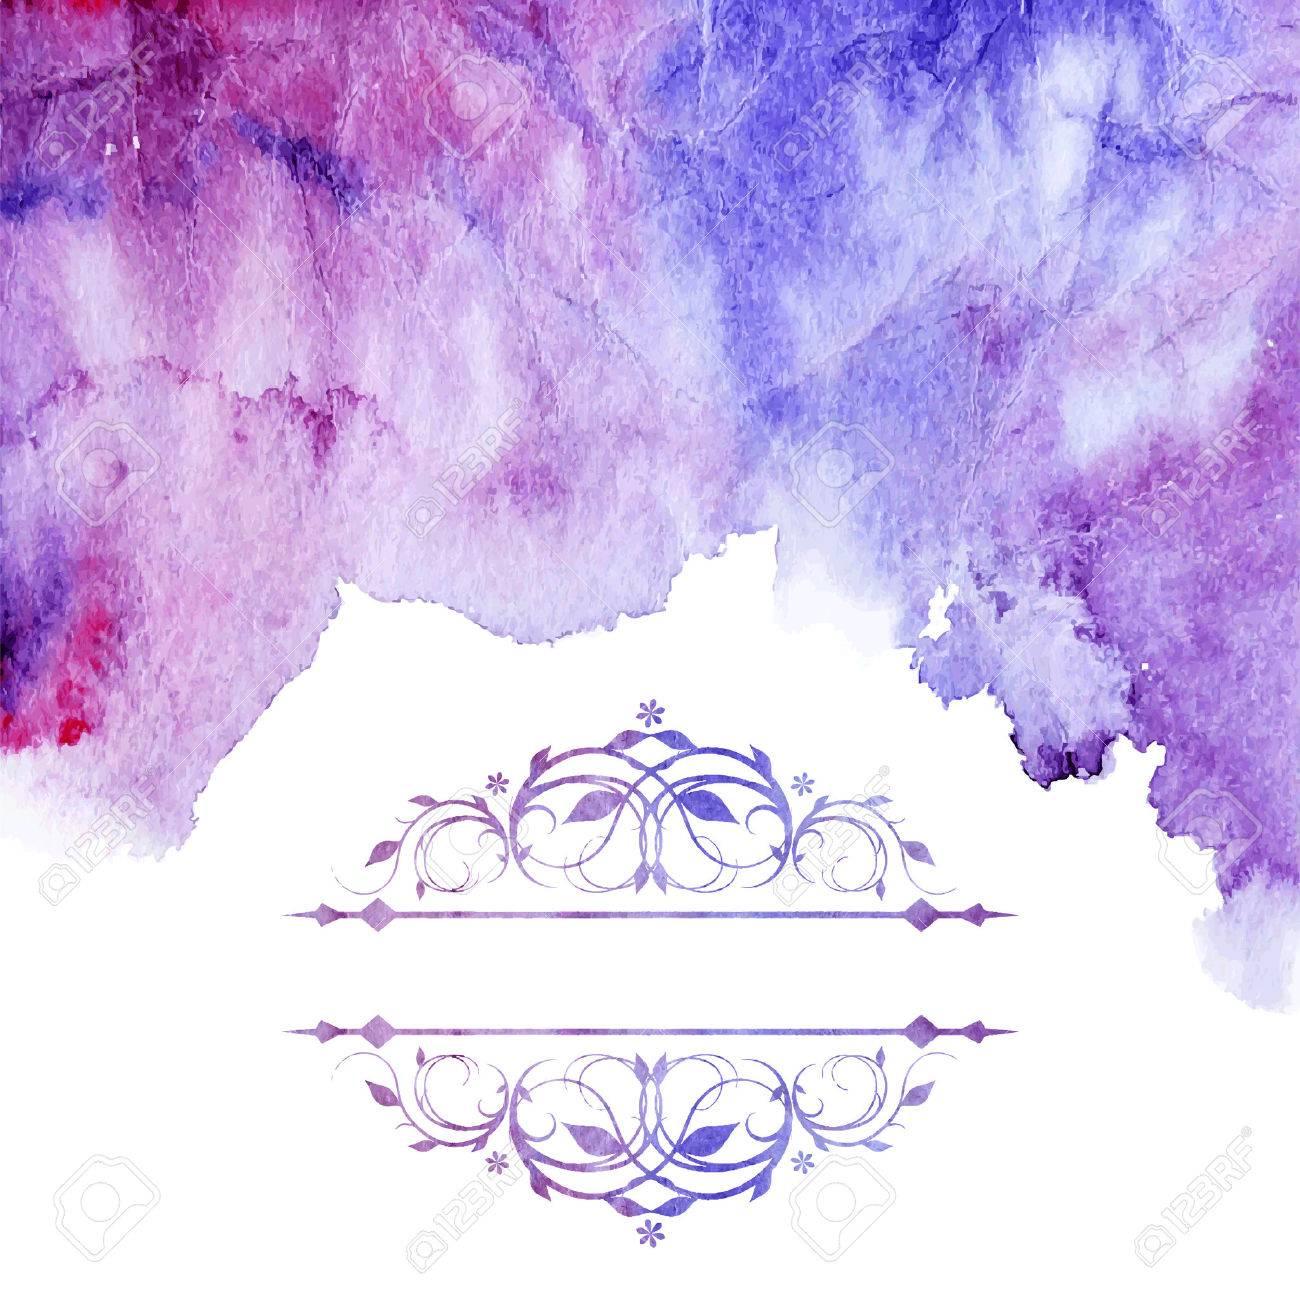 Abstract watercolor splash. Watercolor drop. - 41500550